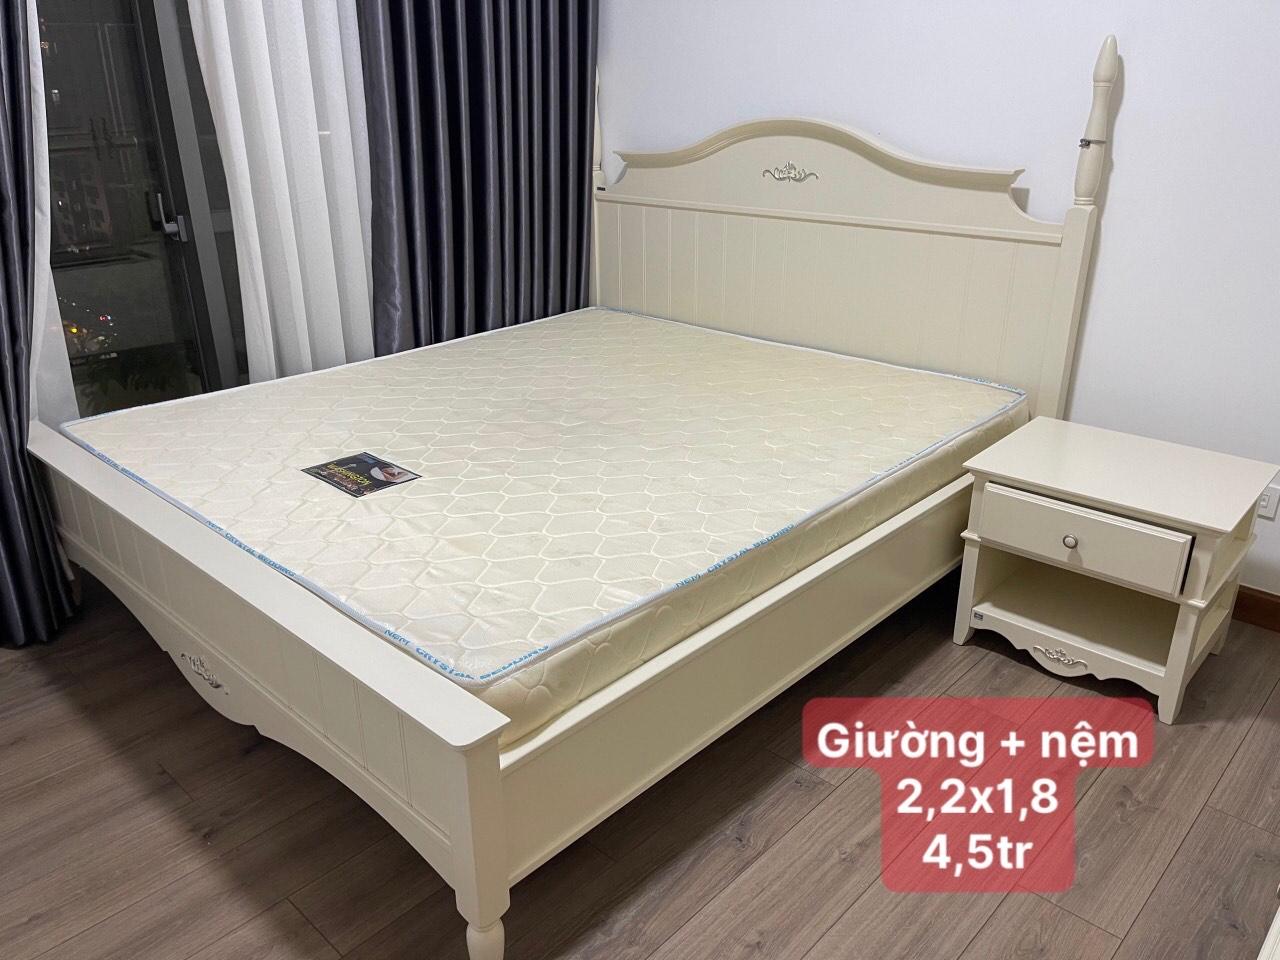 giường nệm SP000934